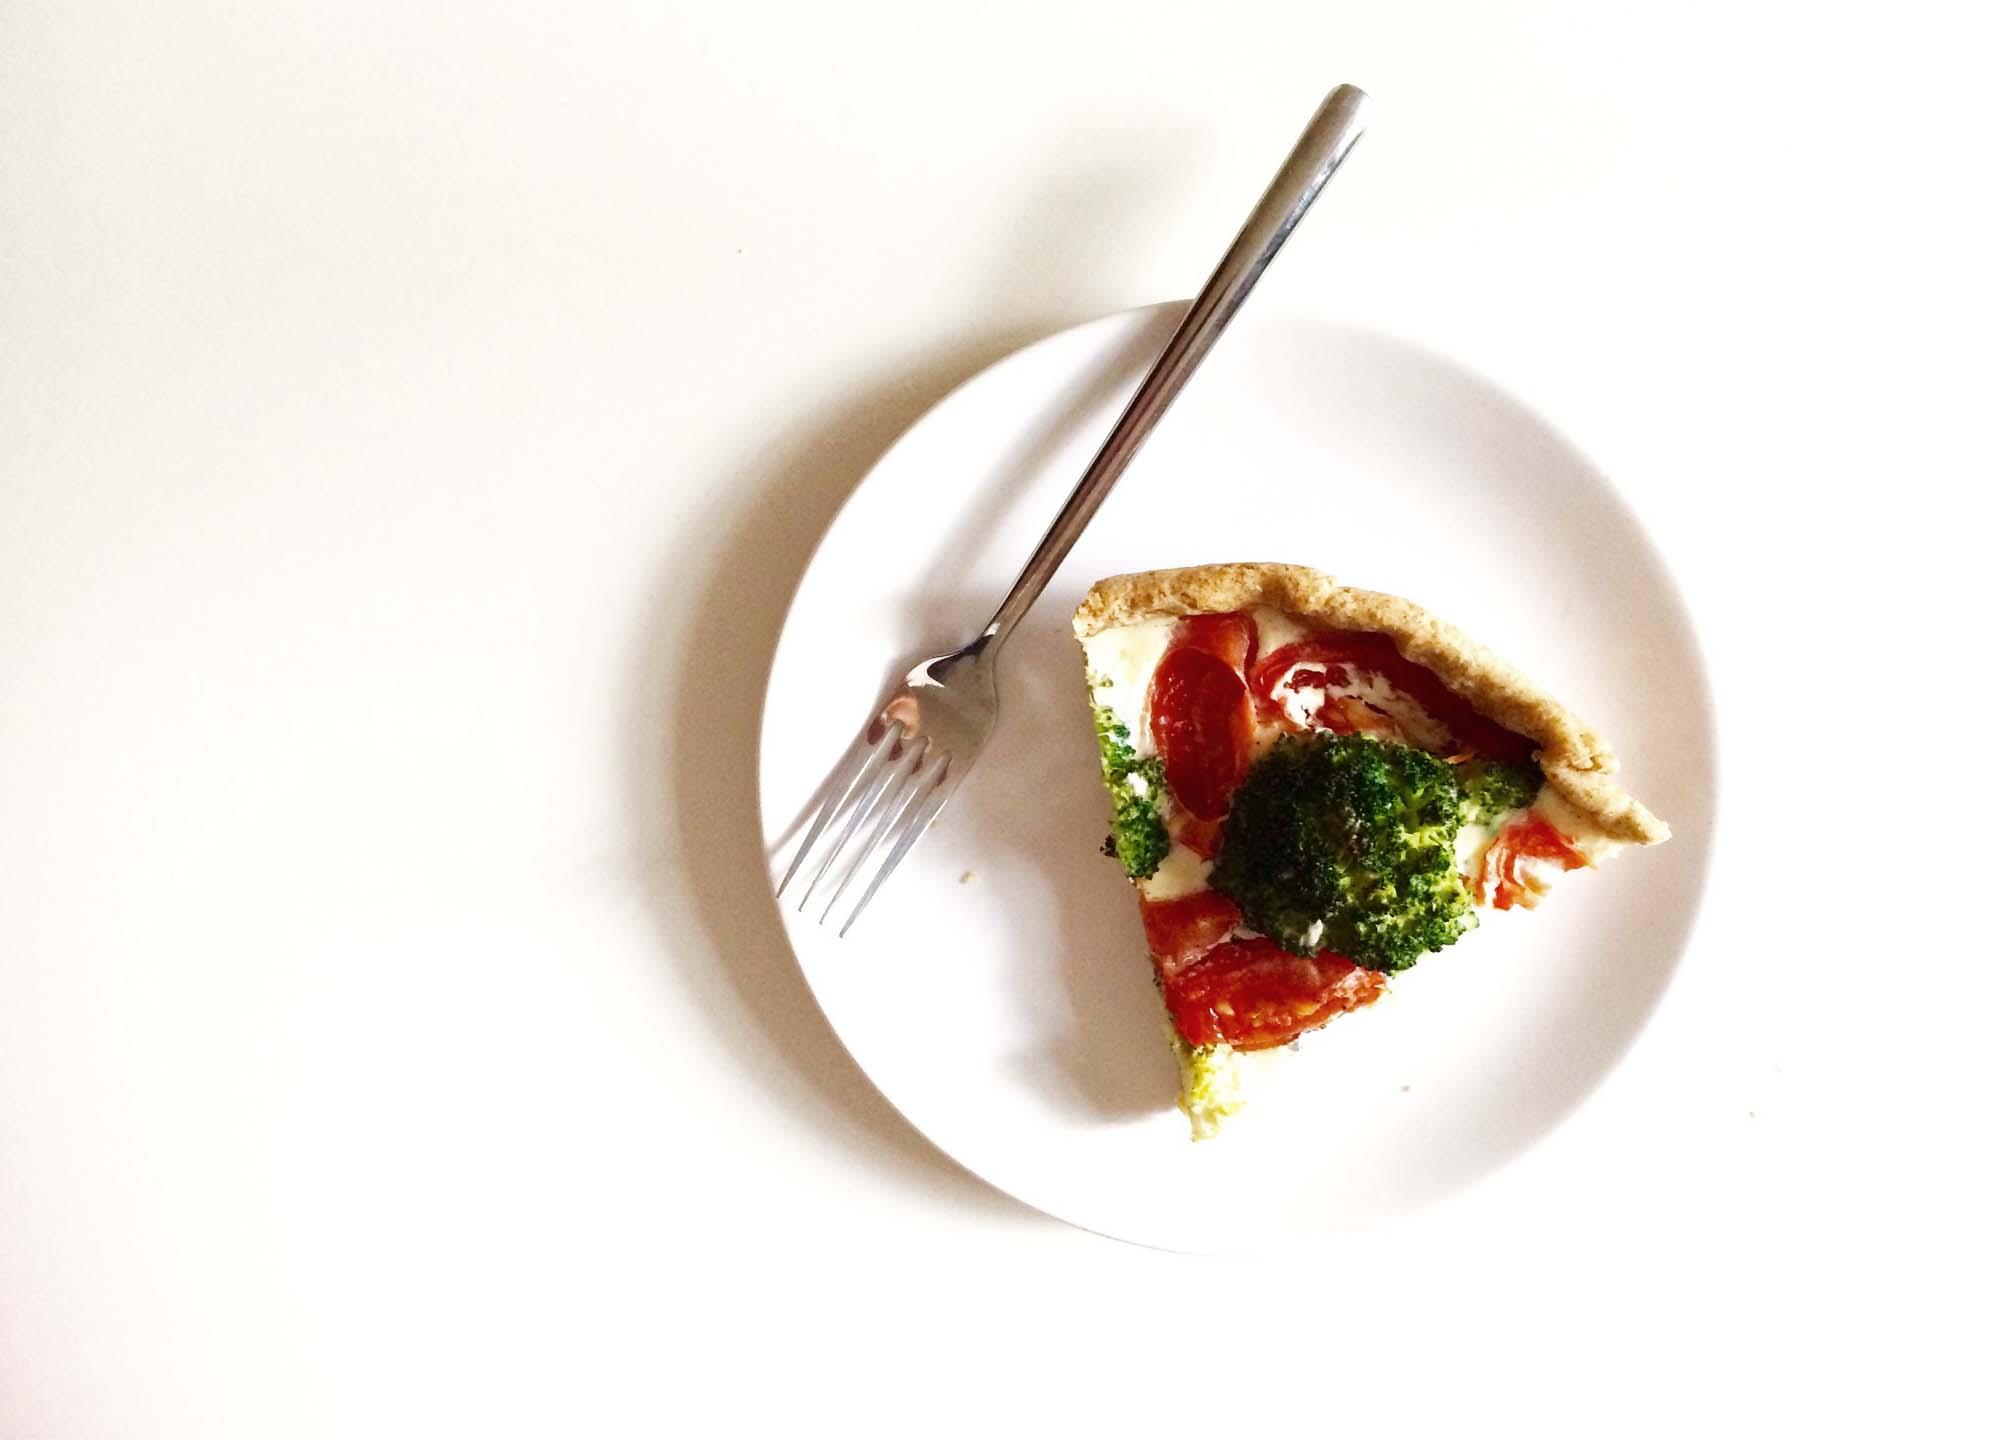 Carnet de recettes #4 – Du soleil dans nos assiettes